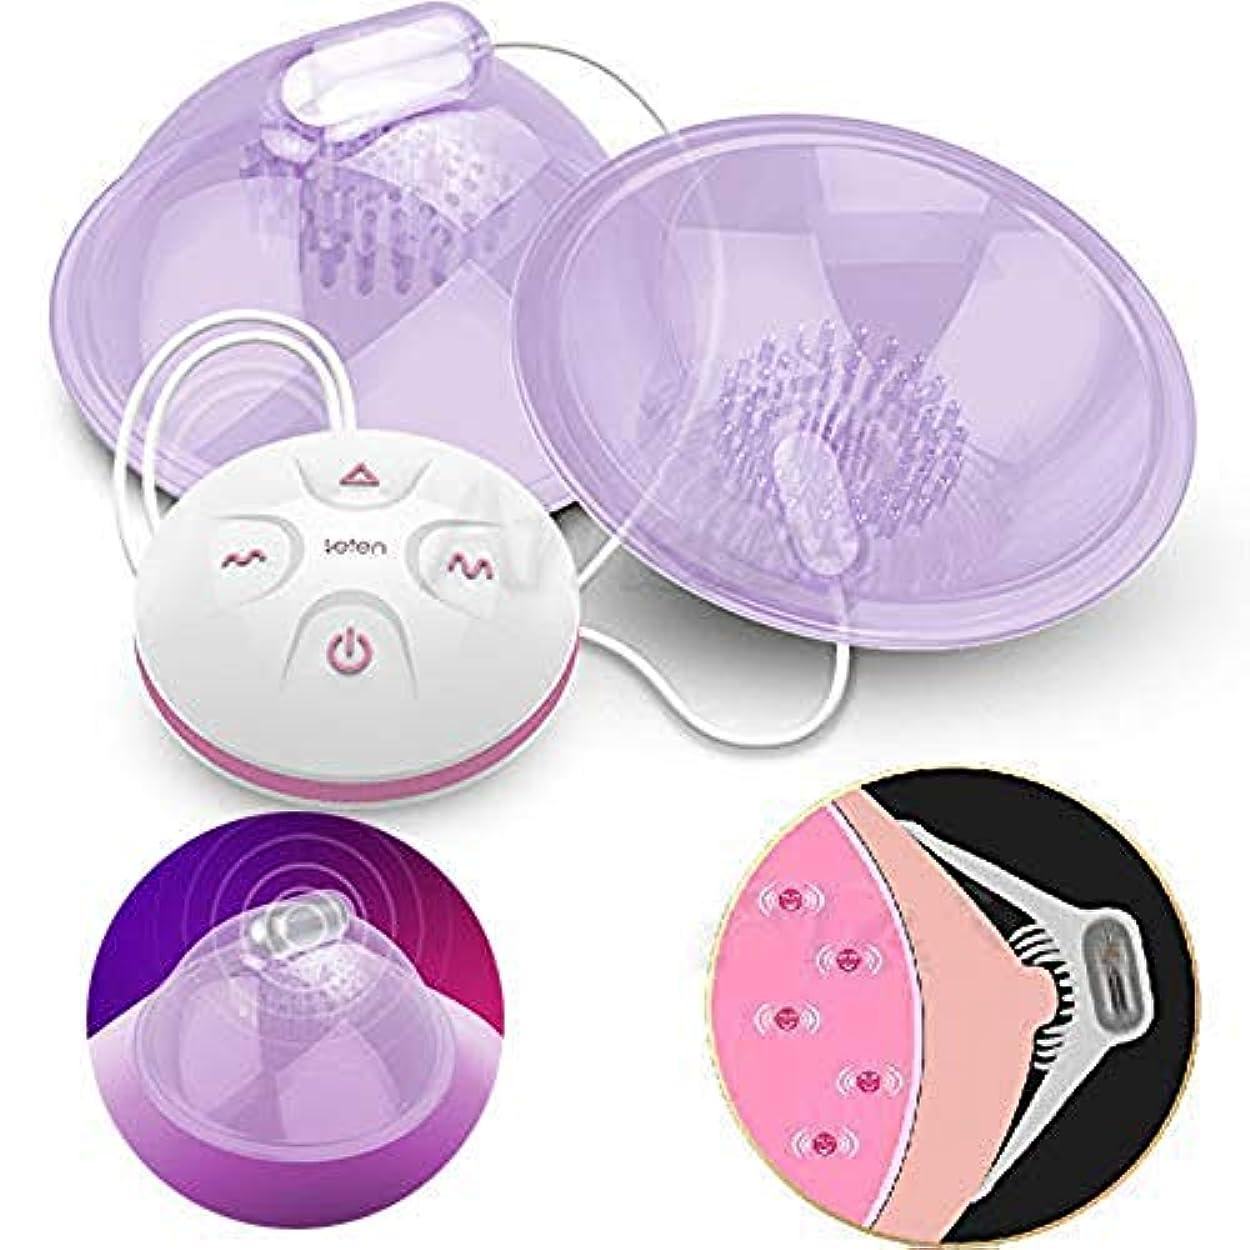 想定遺棄されたコンパクト充電式Ni-ppleマッサージャー胸胸部刺激装置エンハンサー玩具女性、小売ボックス付き10スピードスピードモード電動ポンプ吸盤